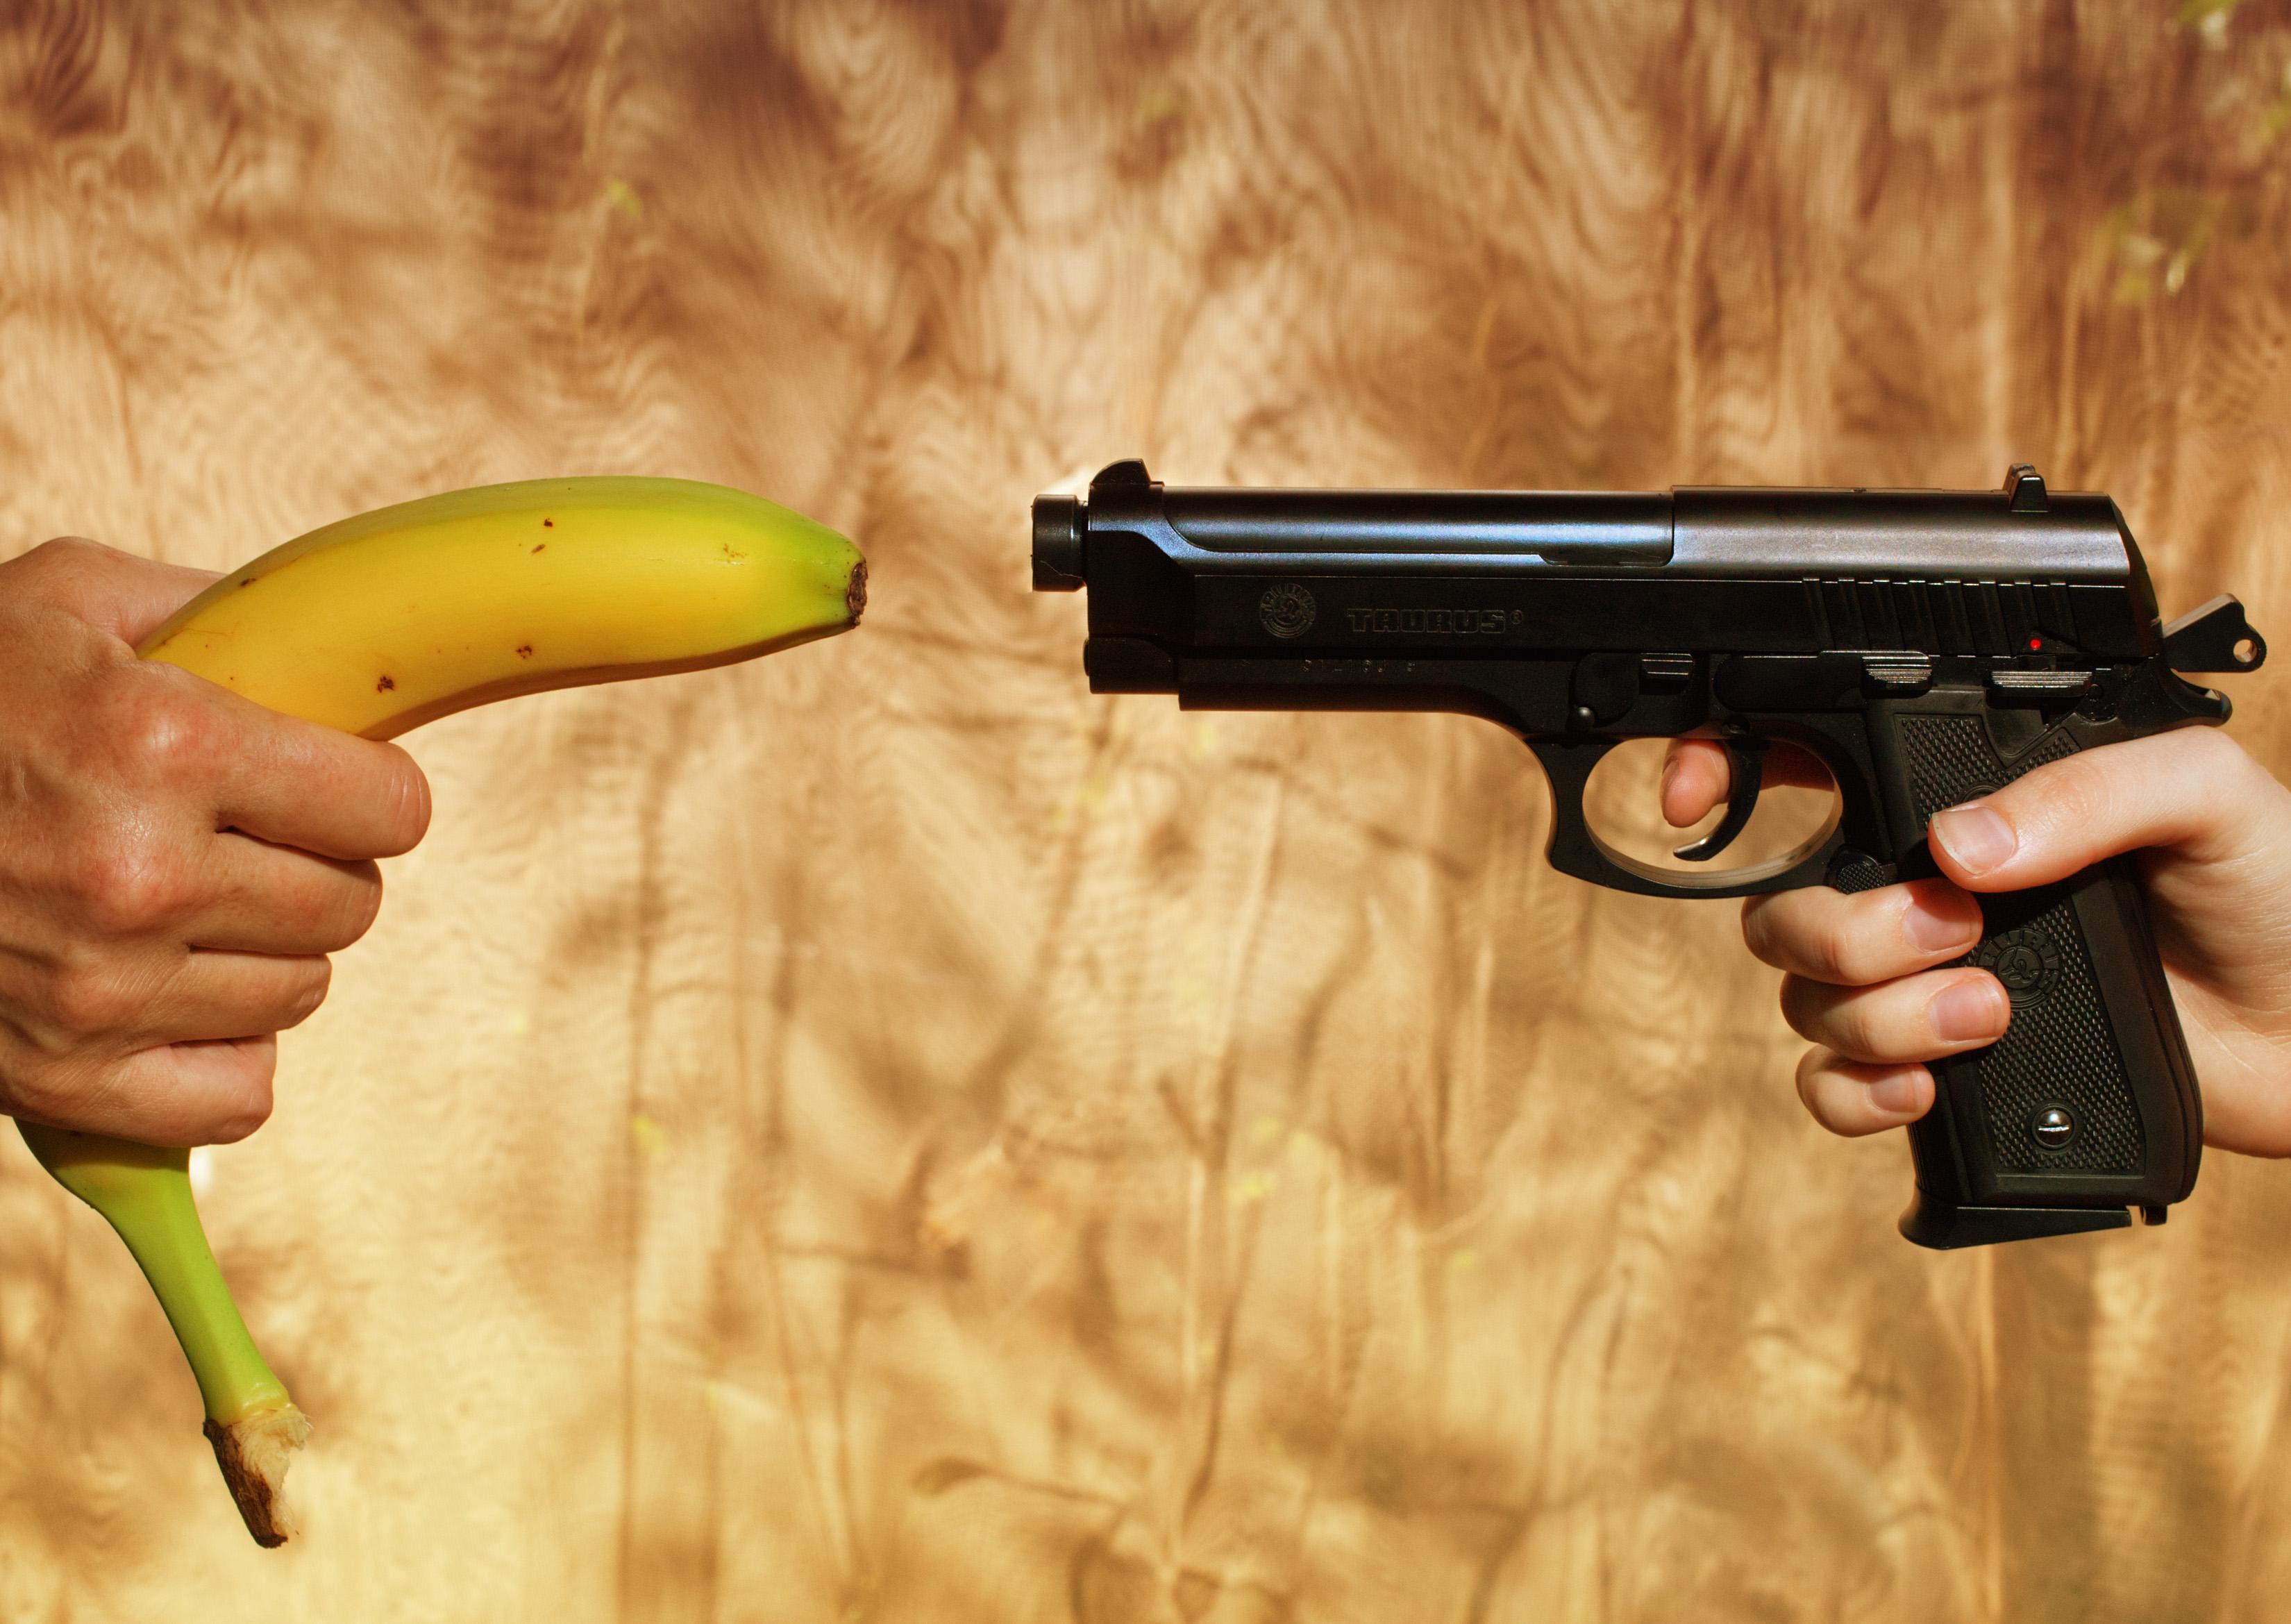 Картинка с бананом ножом